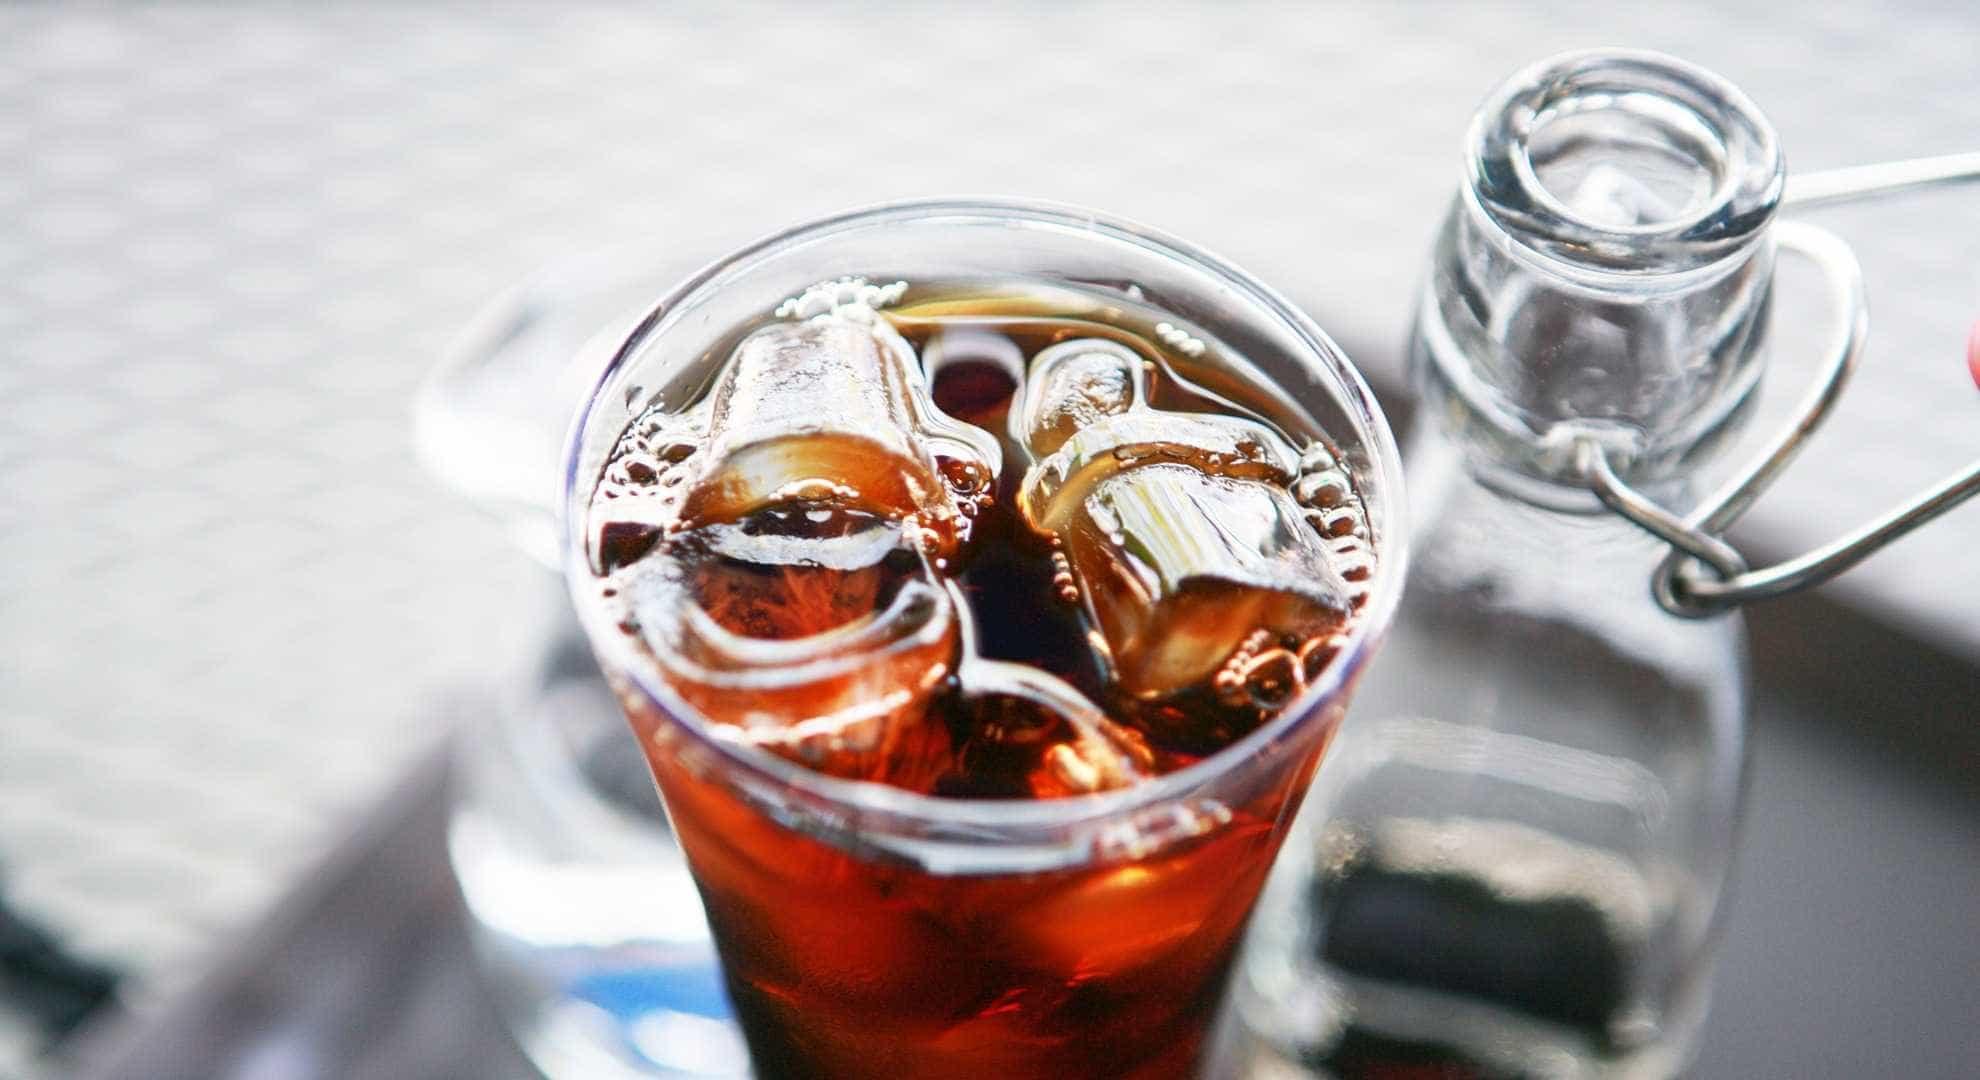 Chá promete acelerar a queima de gordura de forma saudável